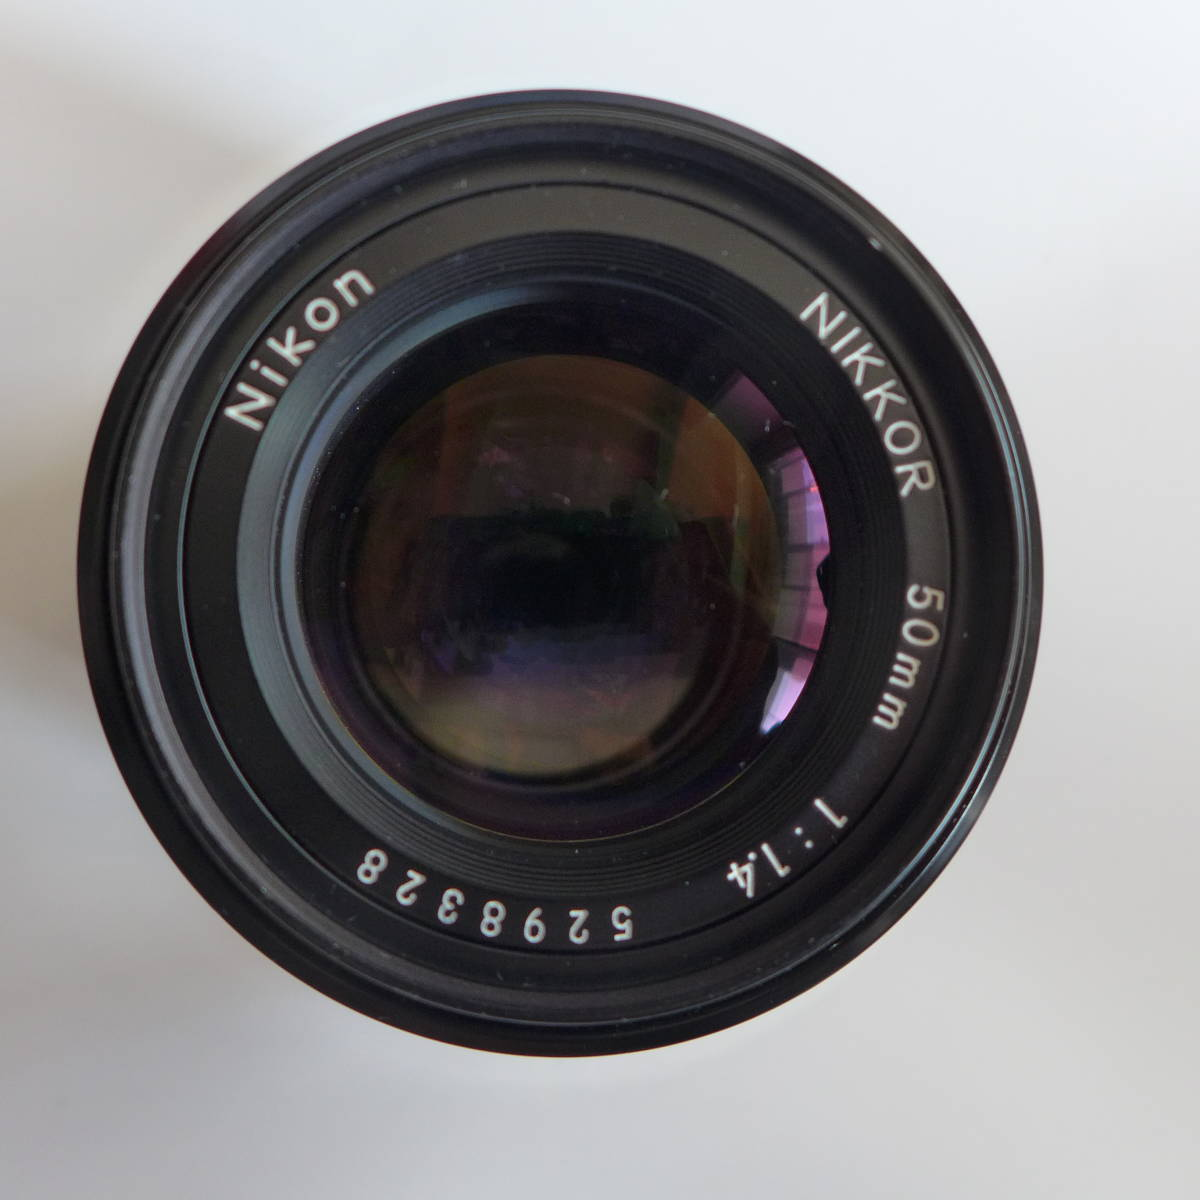 ニコン Nikon Ai NIKKOR 50mm 1:1.4S 標準レンズ 美品 Nikon製 52mm保護フイルター付き 送料無料_画像3